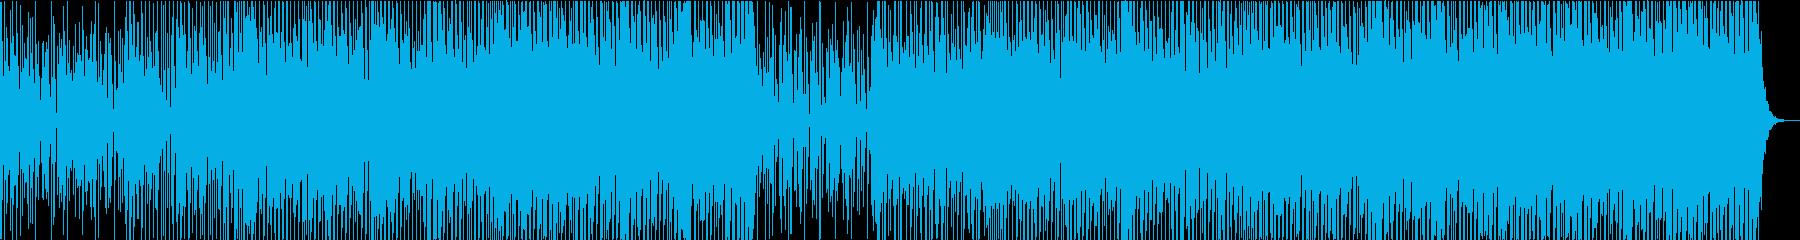 ハッピー ファニー ジョイフル フォークの再生済みの波形